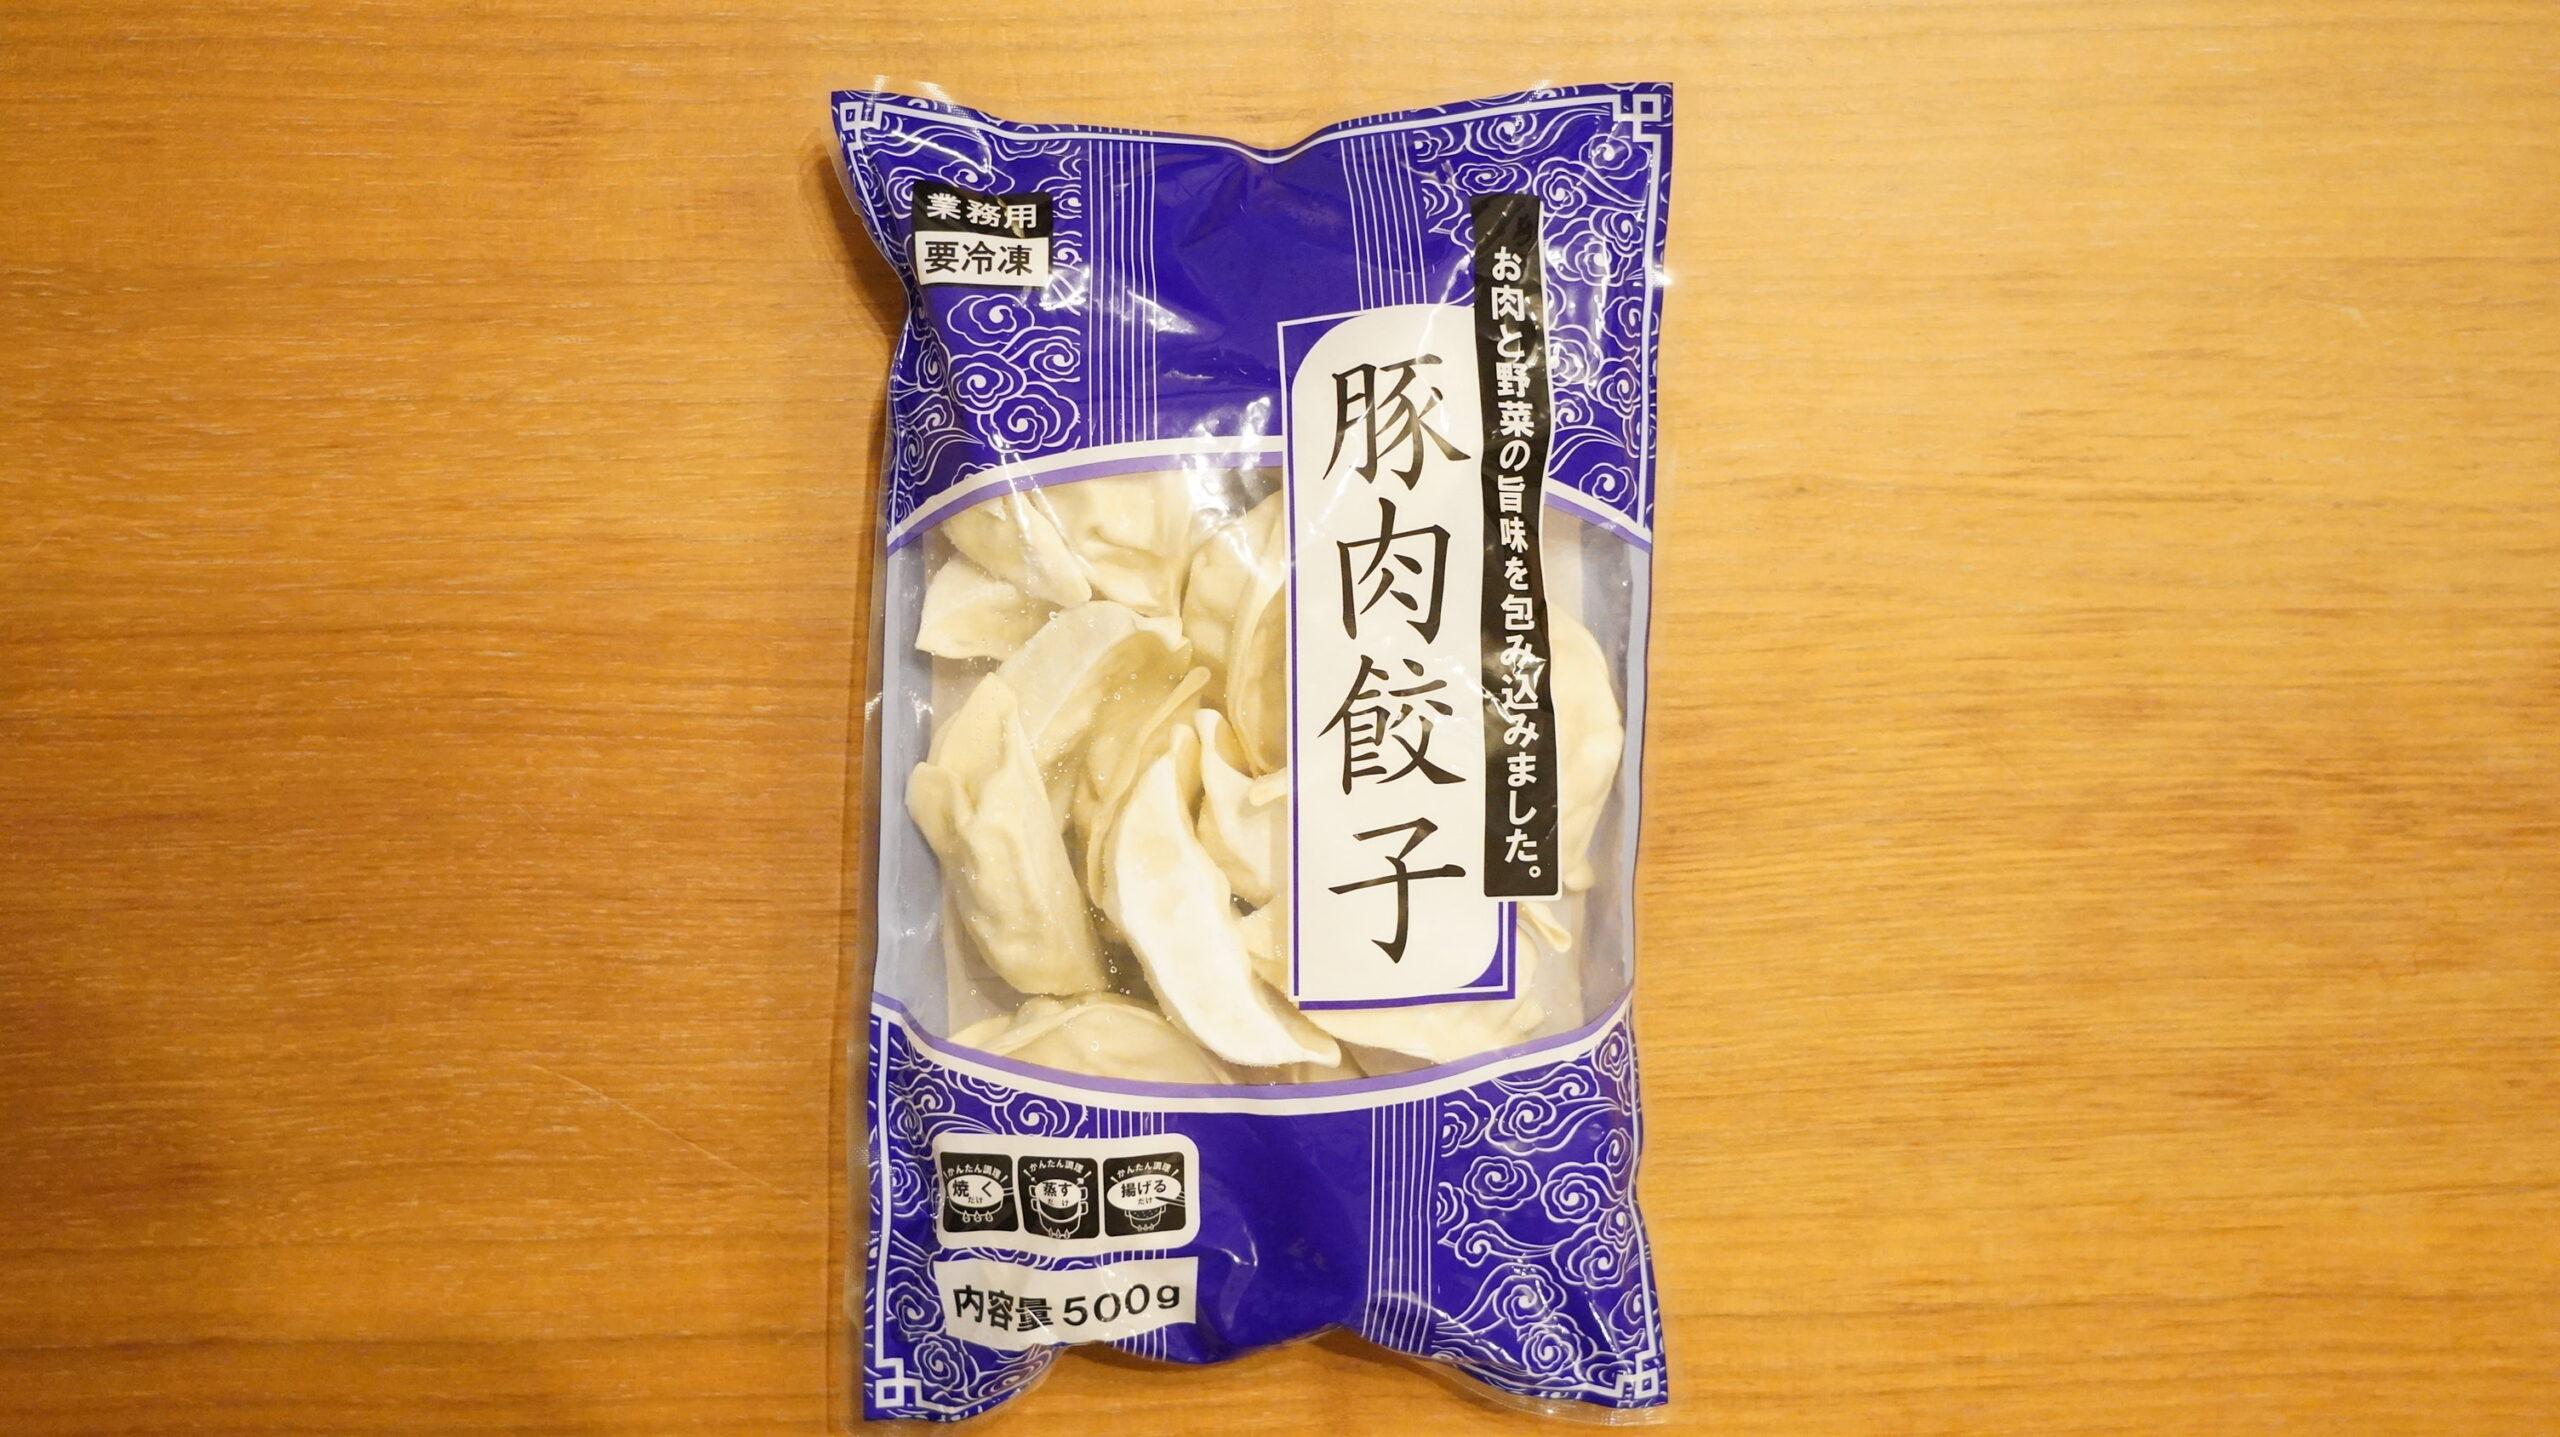 業務スーパーのおすすめ冷凍食品「豚肉餃子」のパッケージの写真